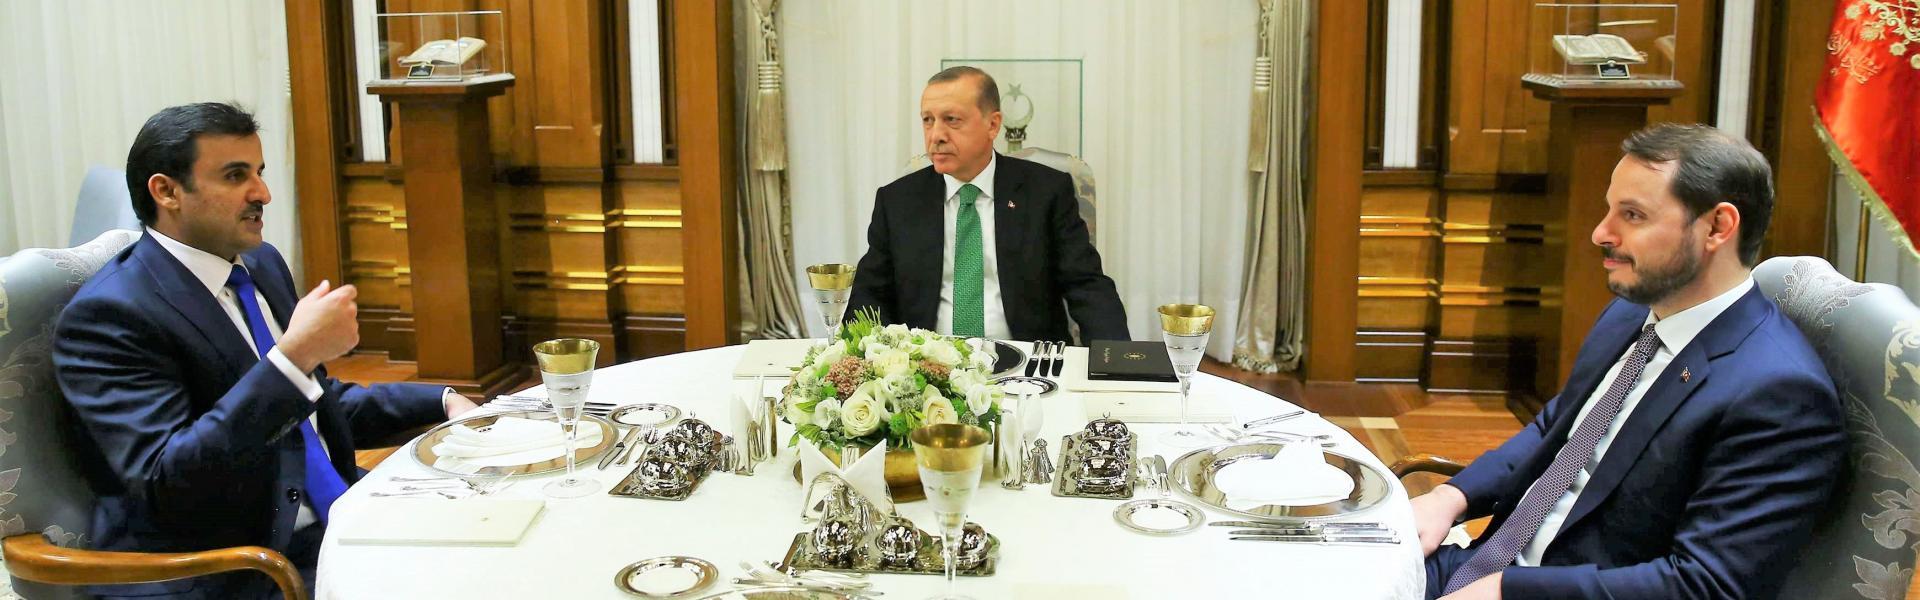 أردوغان يترأس جلسة بين تميم ووزير تركى